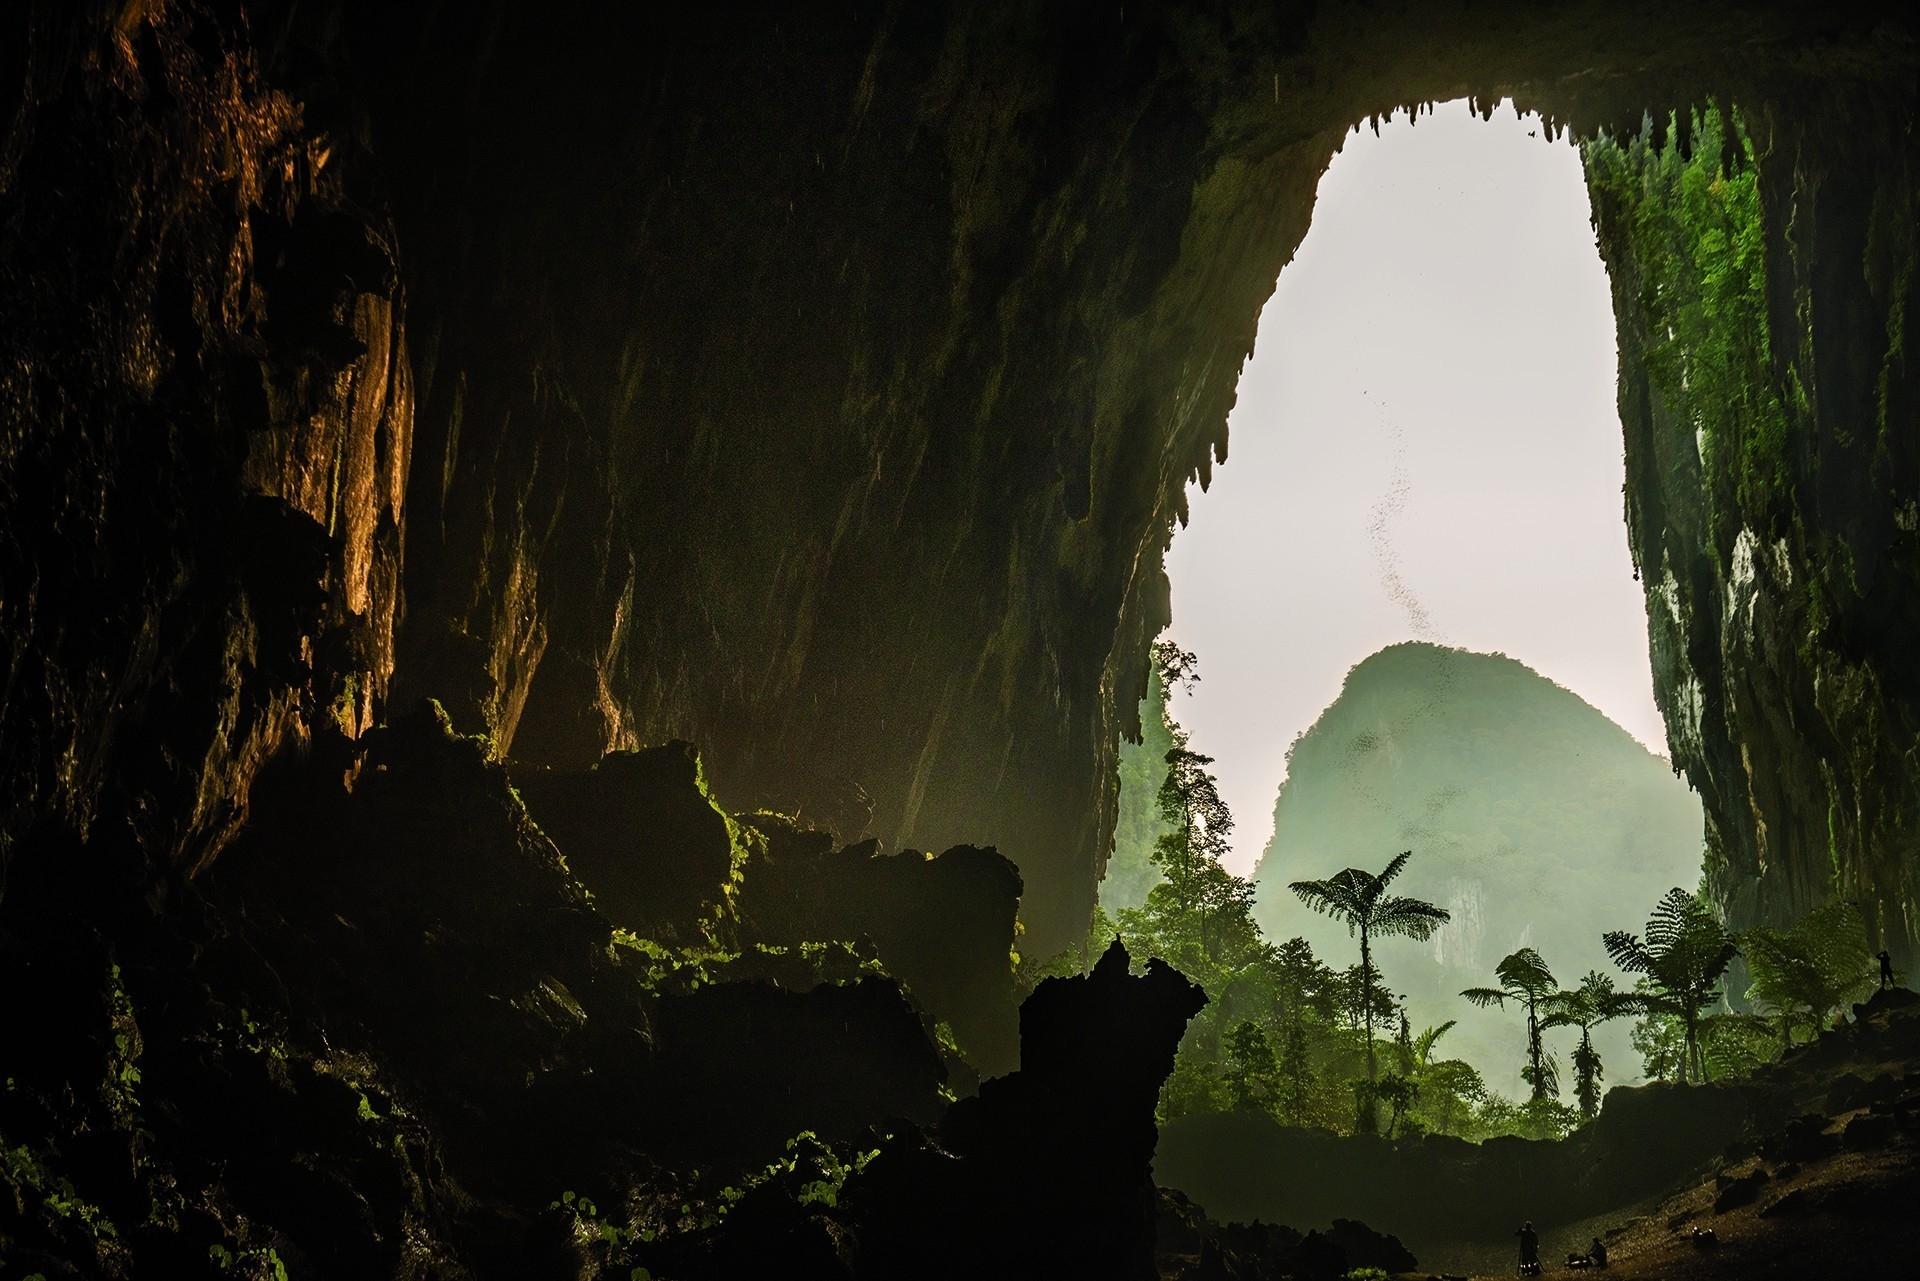 黃昏時分,成群蝙蝠散入鹿洞周圍的熱帶雨林中獵食。鹿洞是地球上最大的地底通道之一,洞內有超過200萬隻蝙蝠。攝影:卡斯坦.彼得 CARSTEN PETER